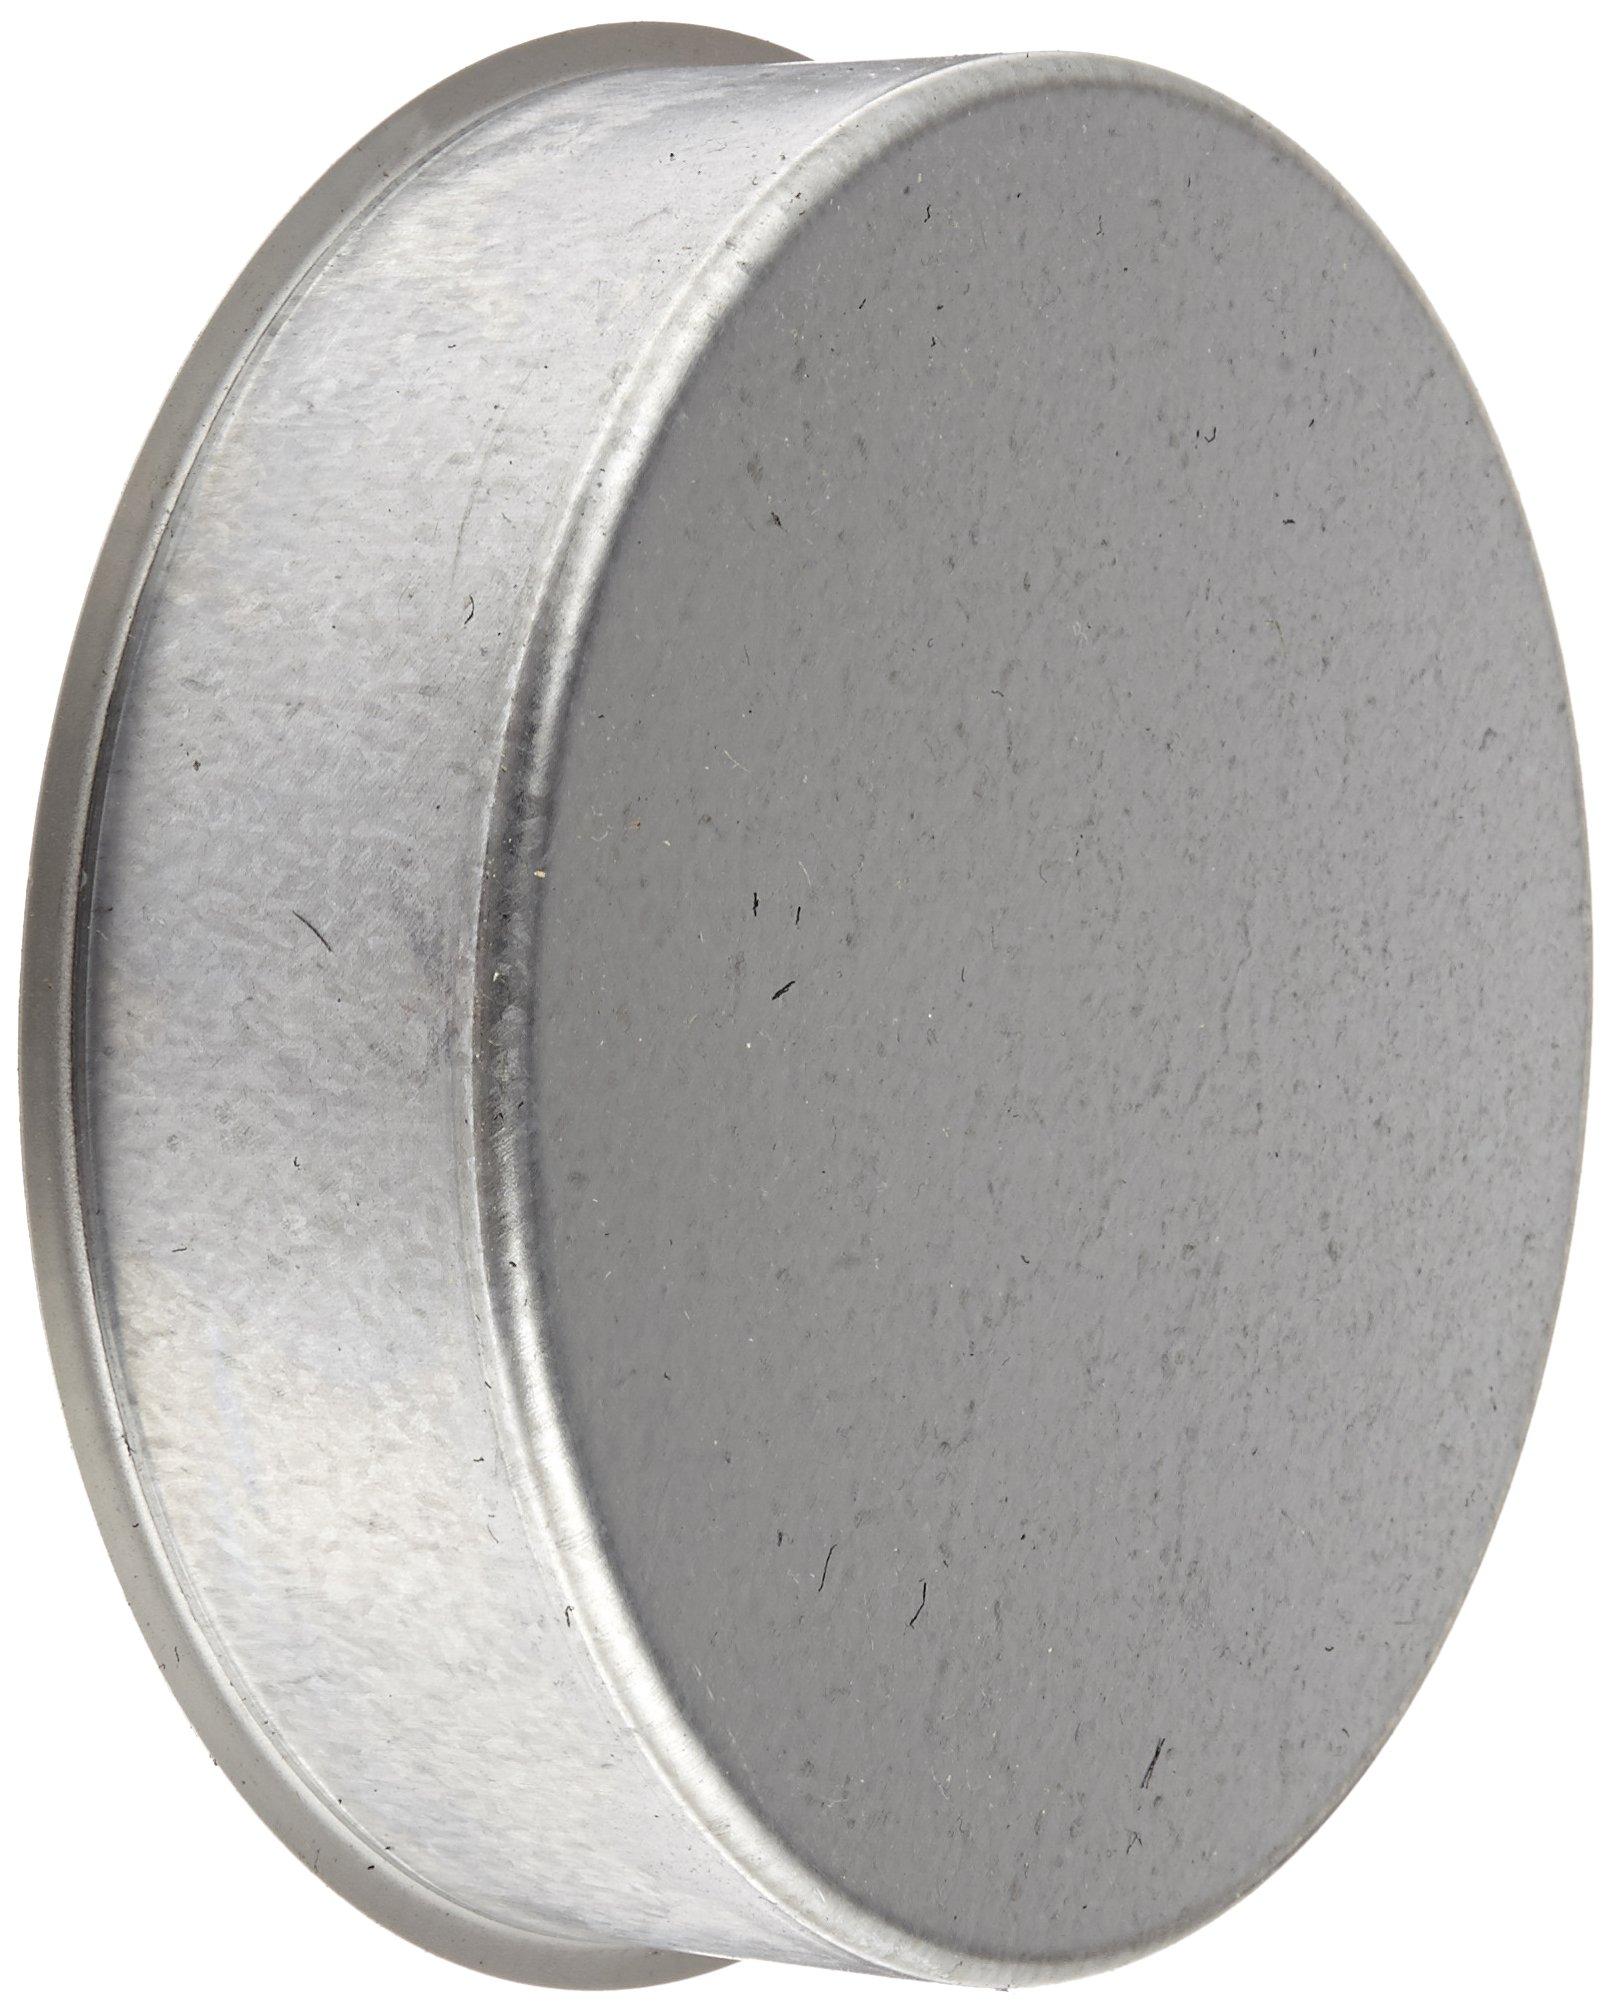 SKF 99550 Speedi Sleeve, SSLEEVE Style, Inch, 5.5in Shaft Diameter, 0.813in Width by SKF